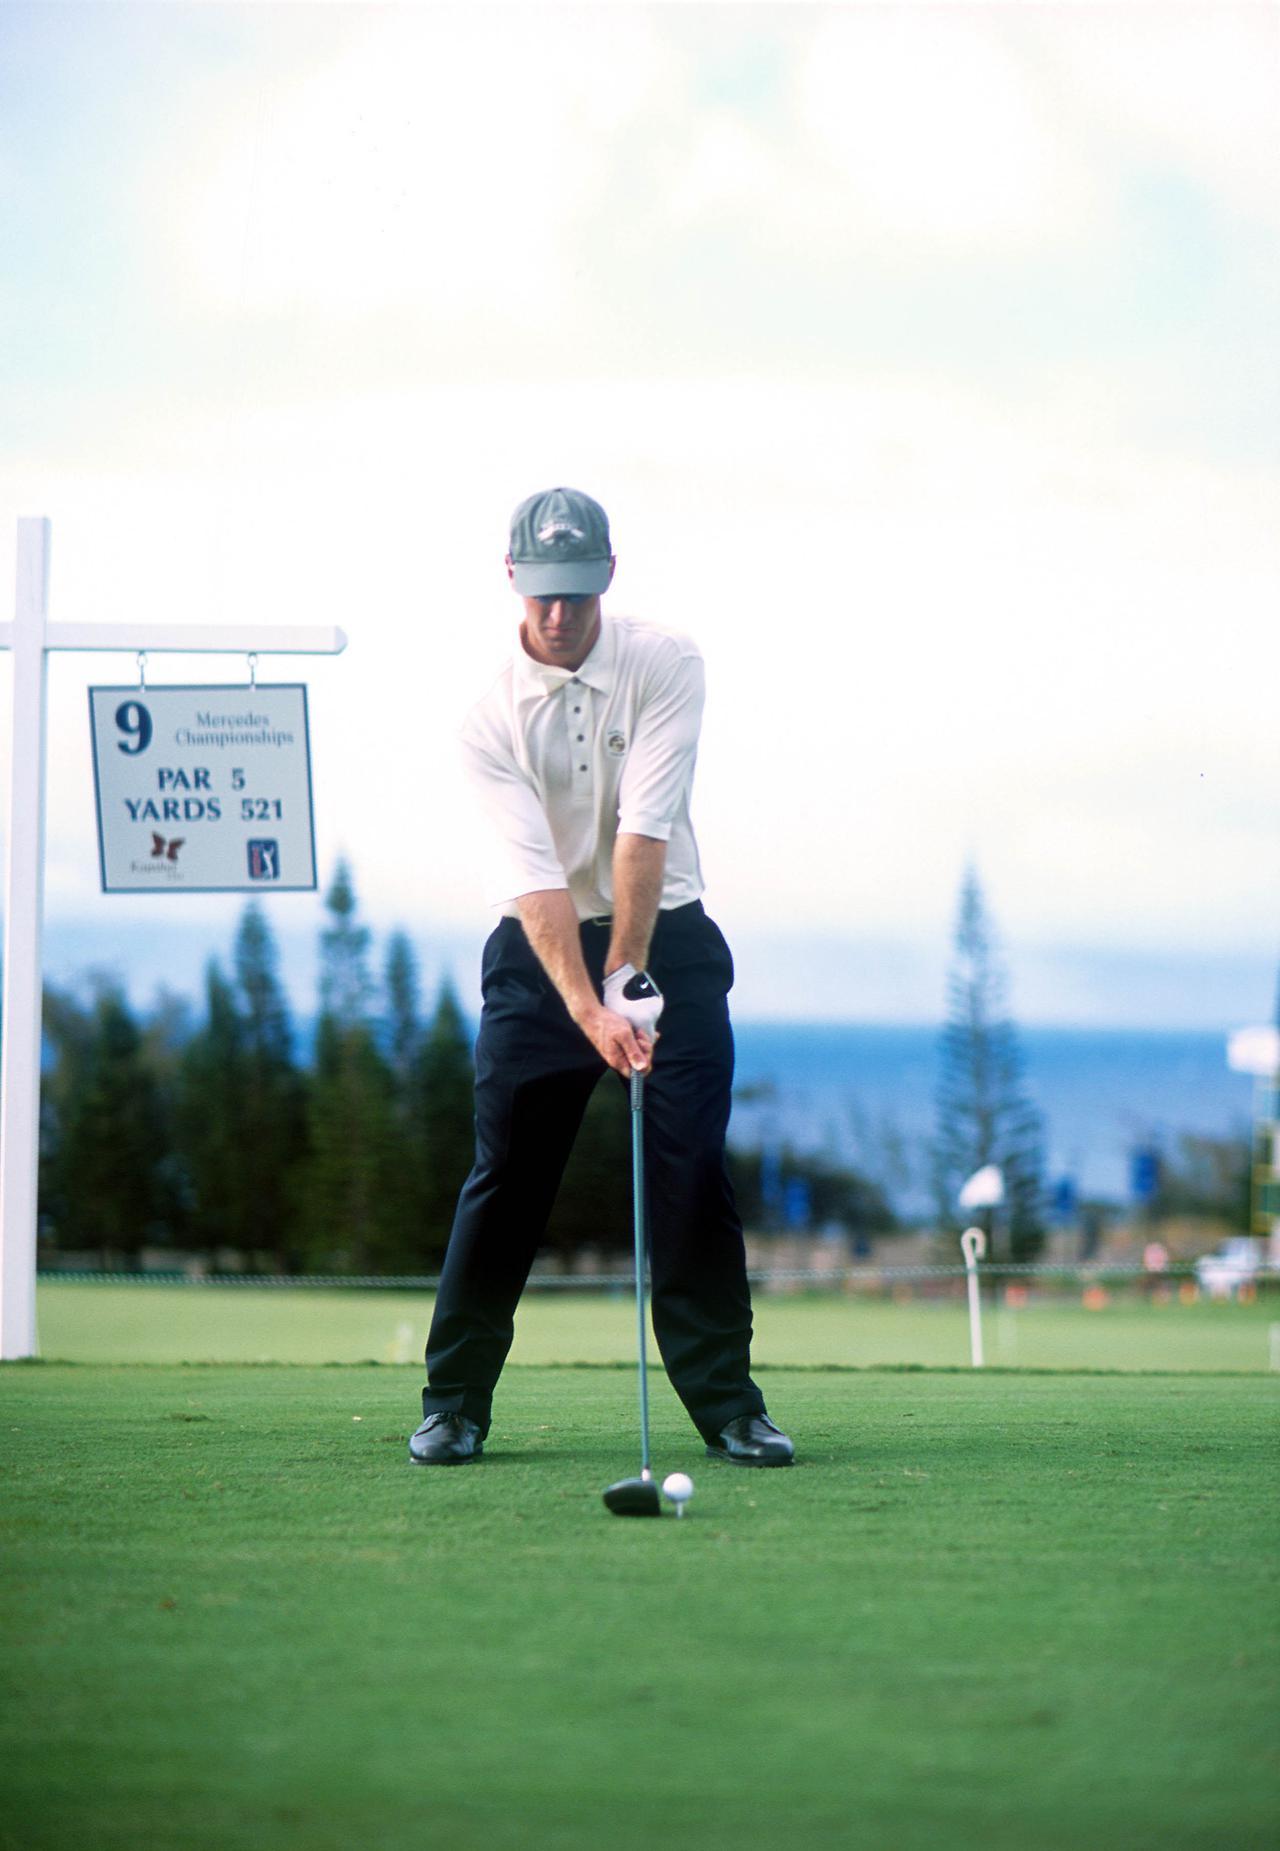 Images : 1番目の画像 - デビッド・デュバル ドライバー正面連続写真 - みんなのゴルフダイジェスト